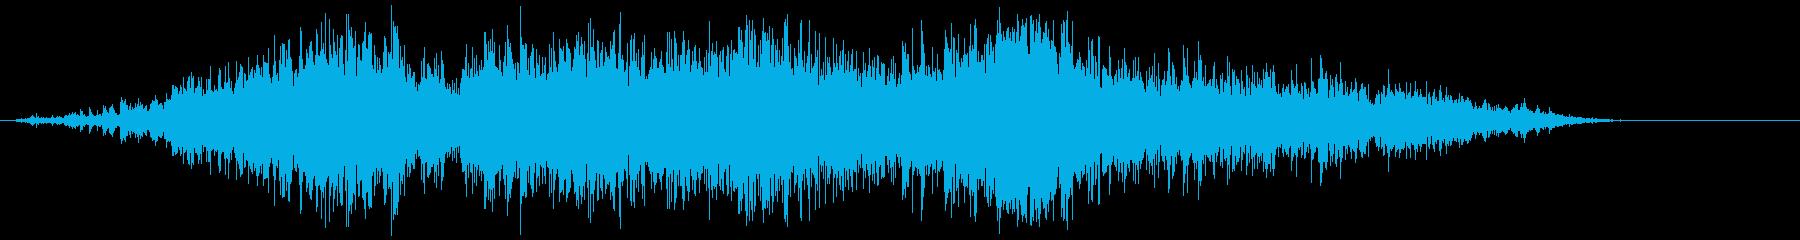 ビニール袋(ガサガサ)の再生済みの波形